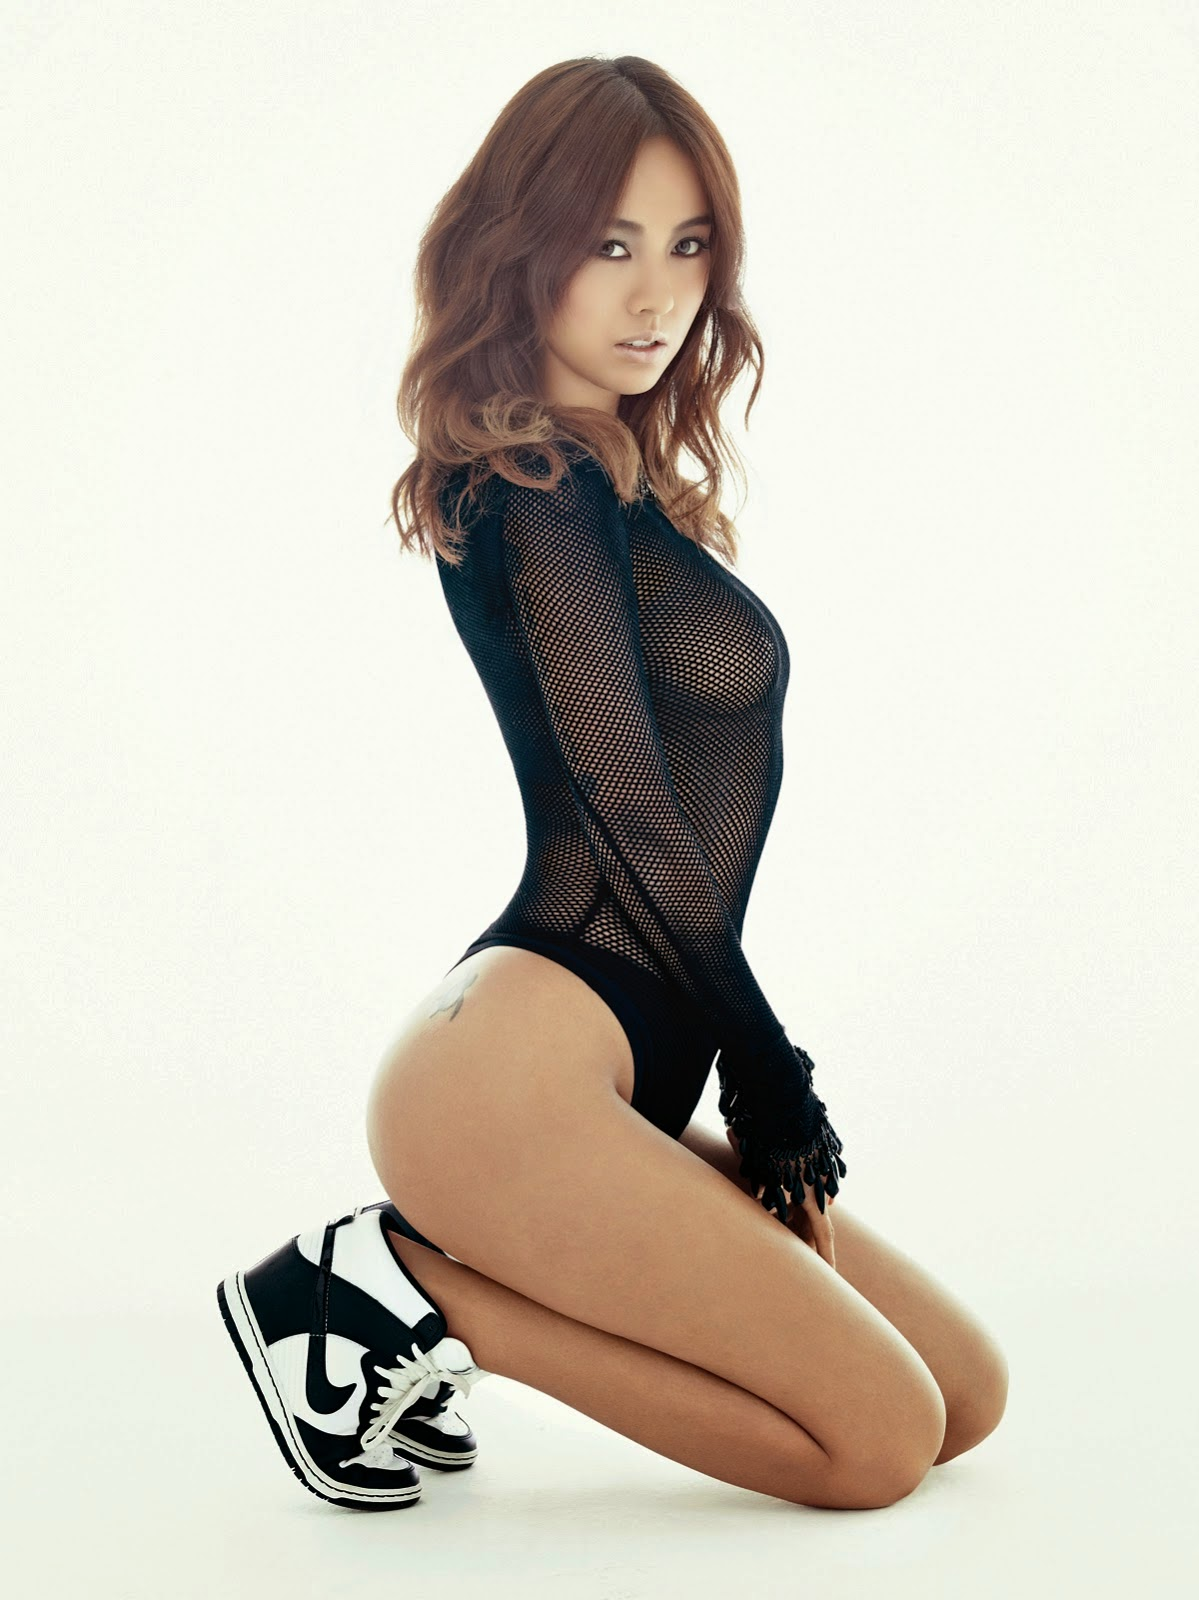 Ảnh nóng Bikini gái Hàn Quốc khoe thân với những bộ áo tắm 2014